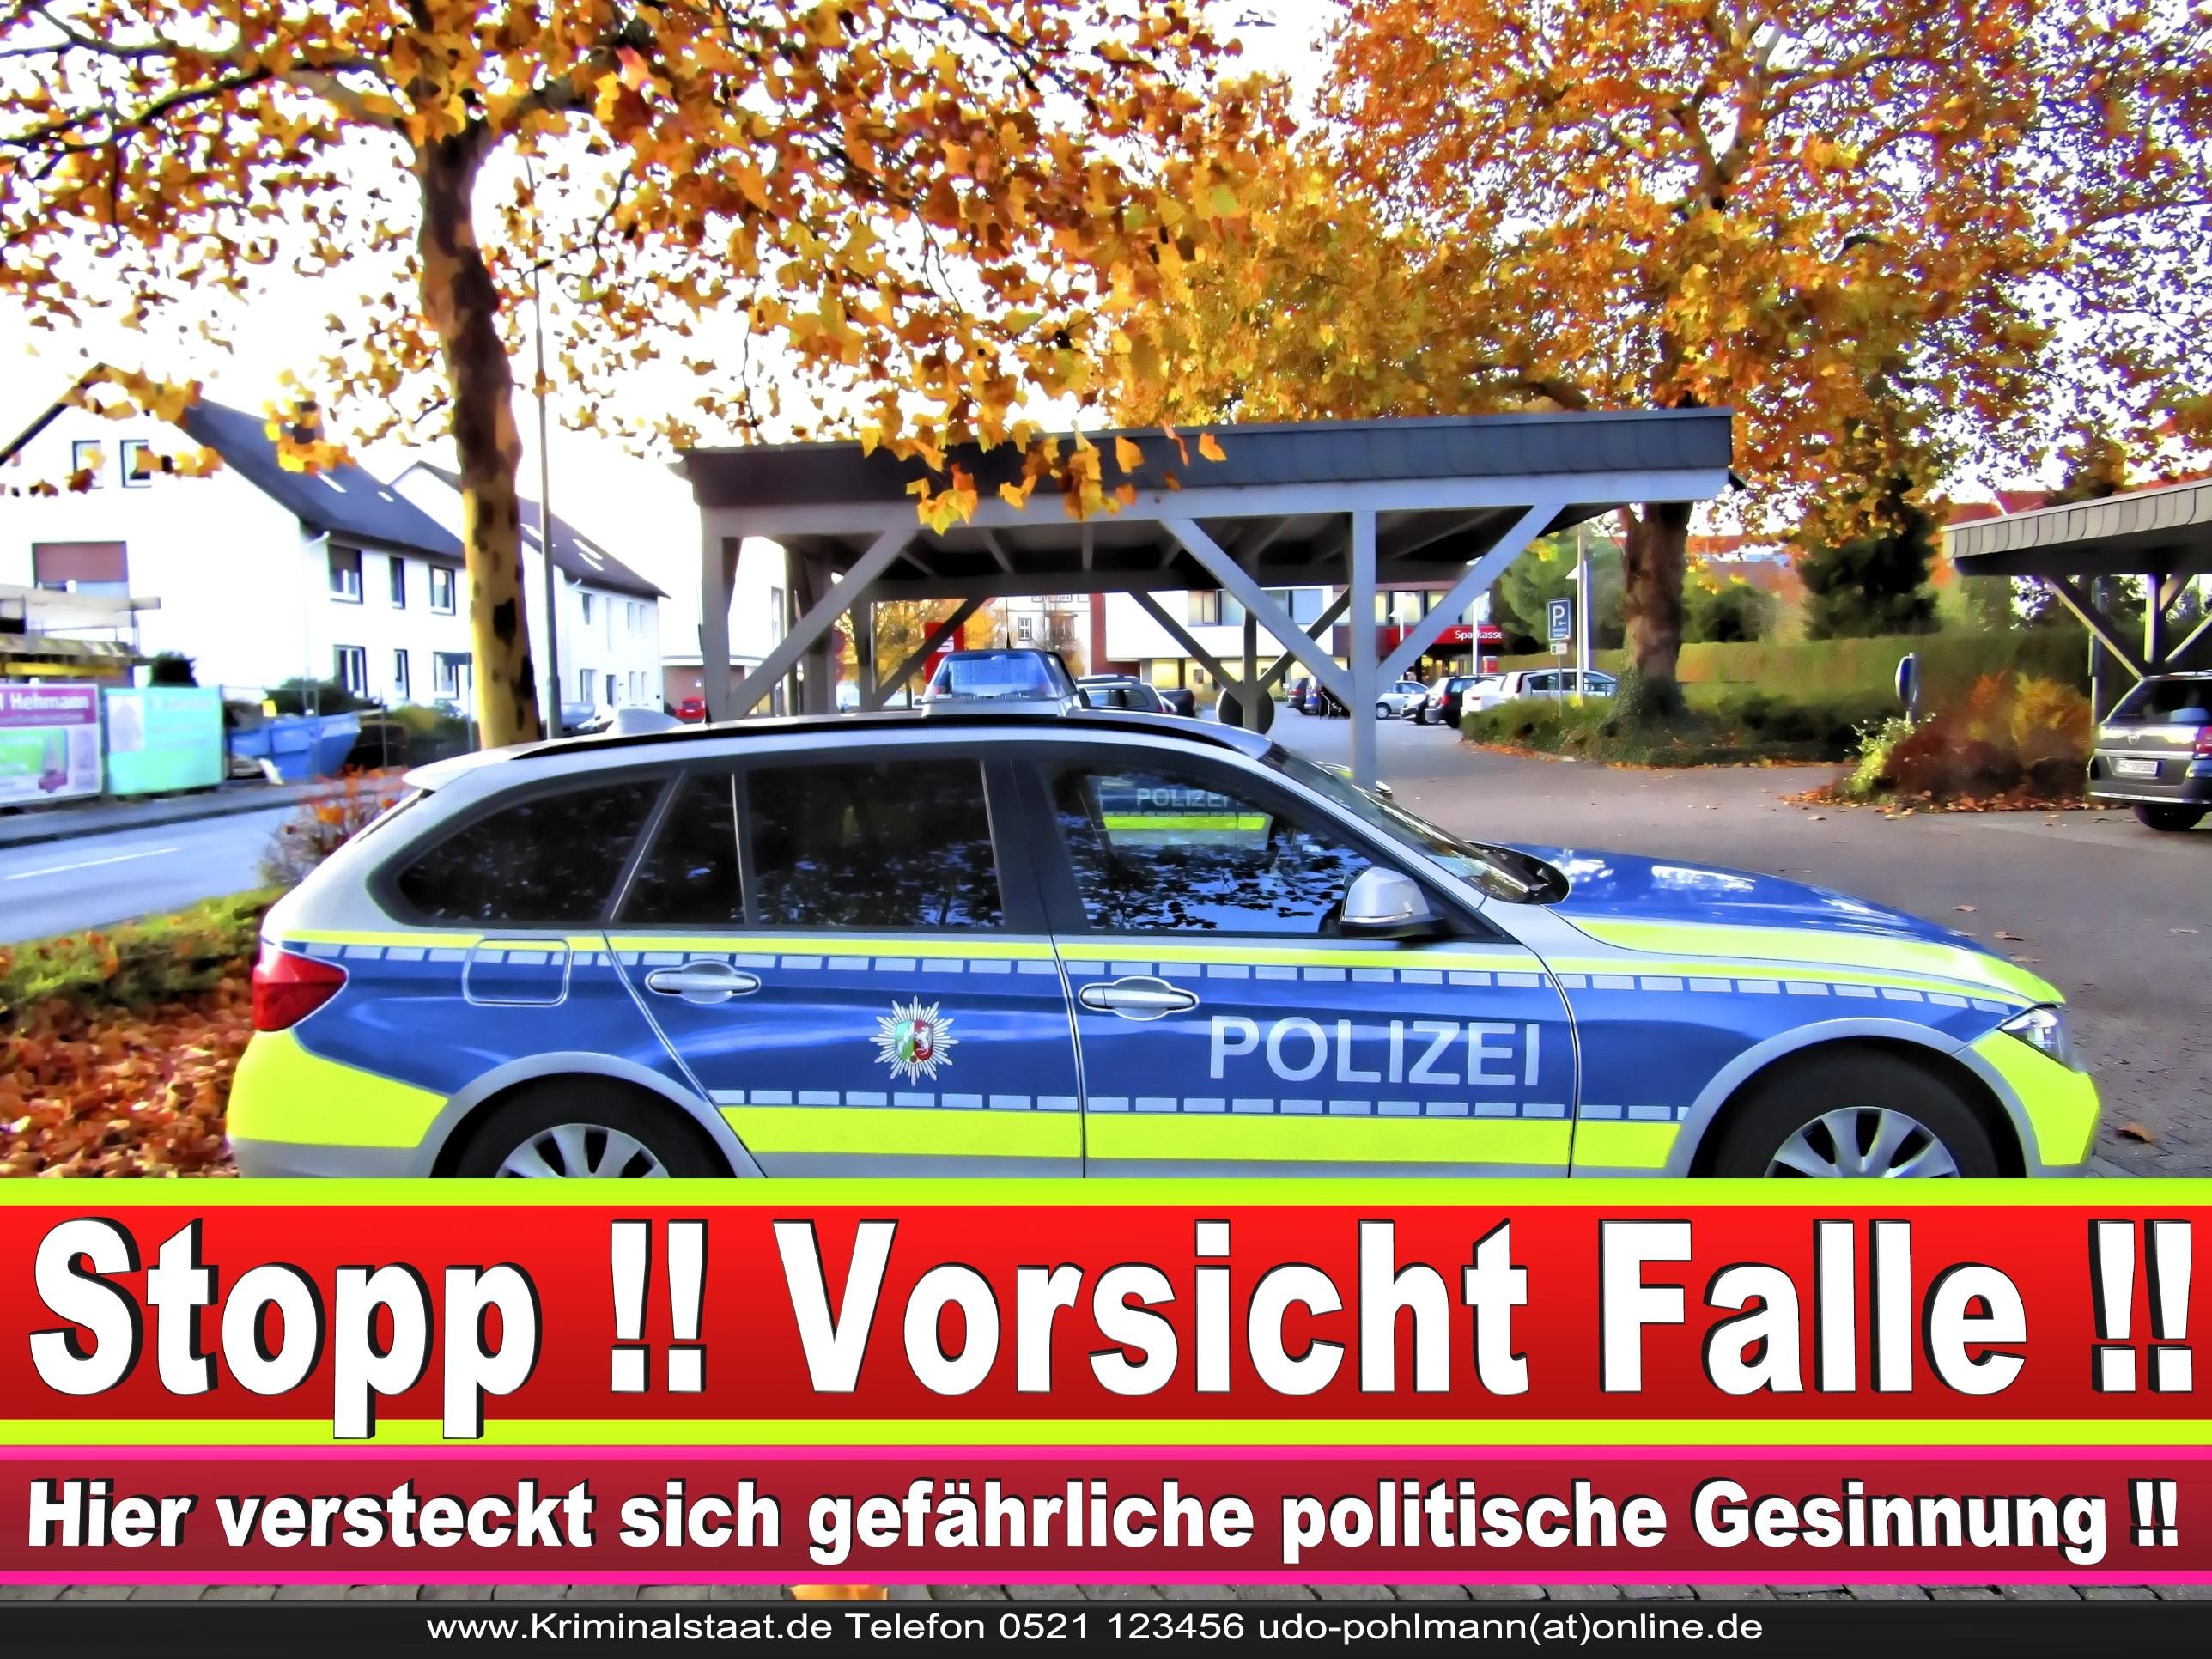 Polizei Halle Westfalen Kättkenstraße 7 33790 Halle Westfalen 13